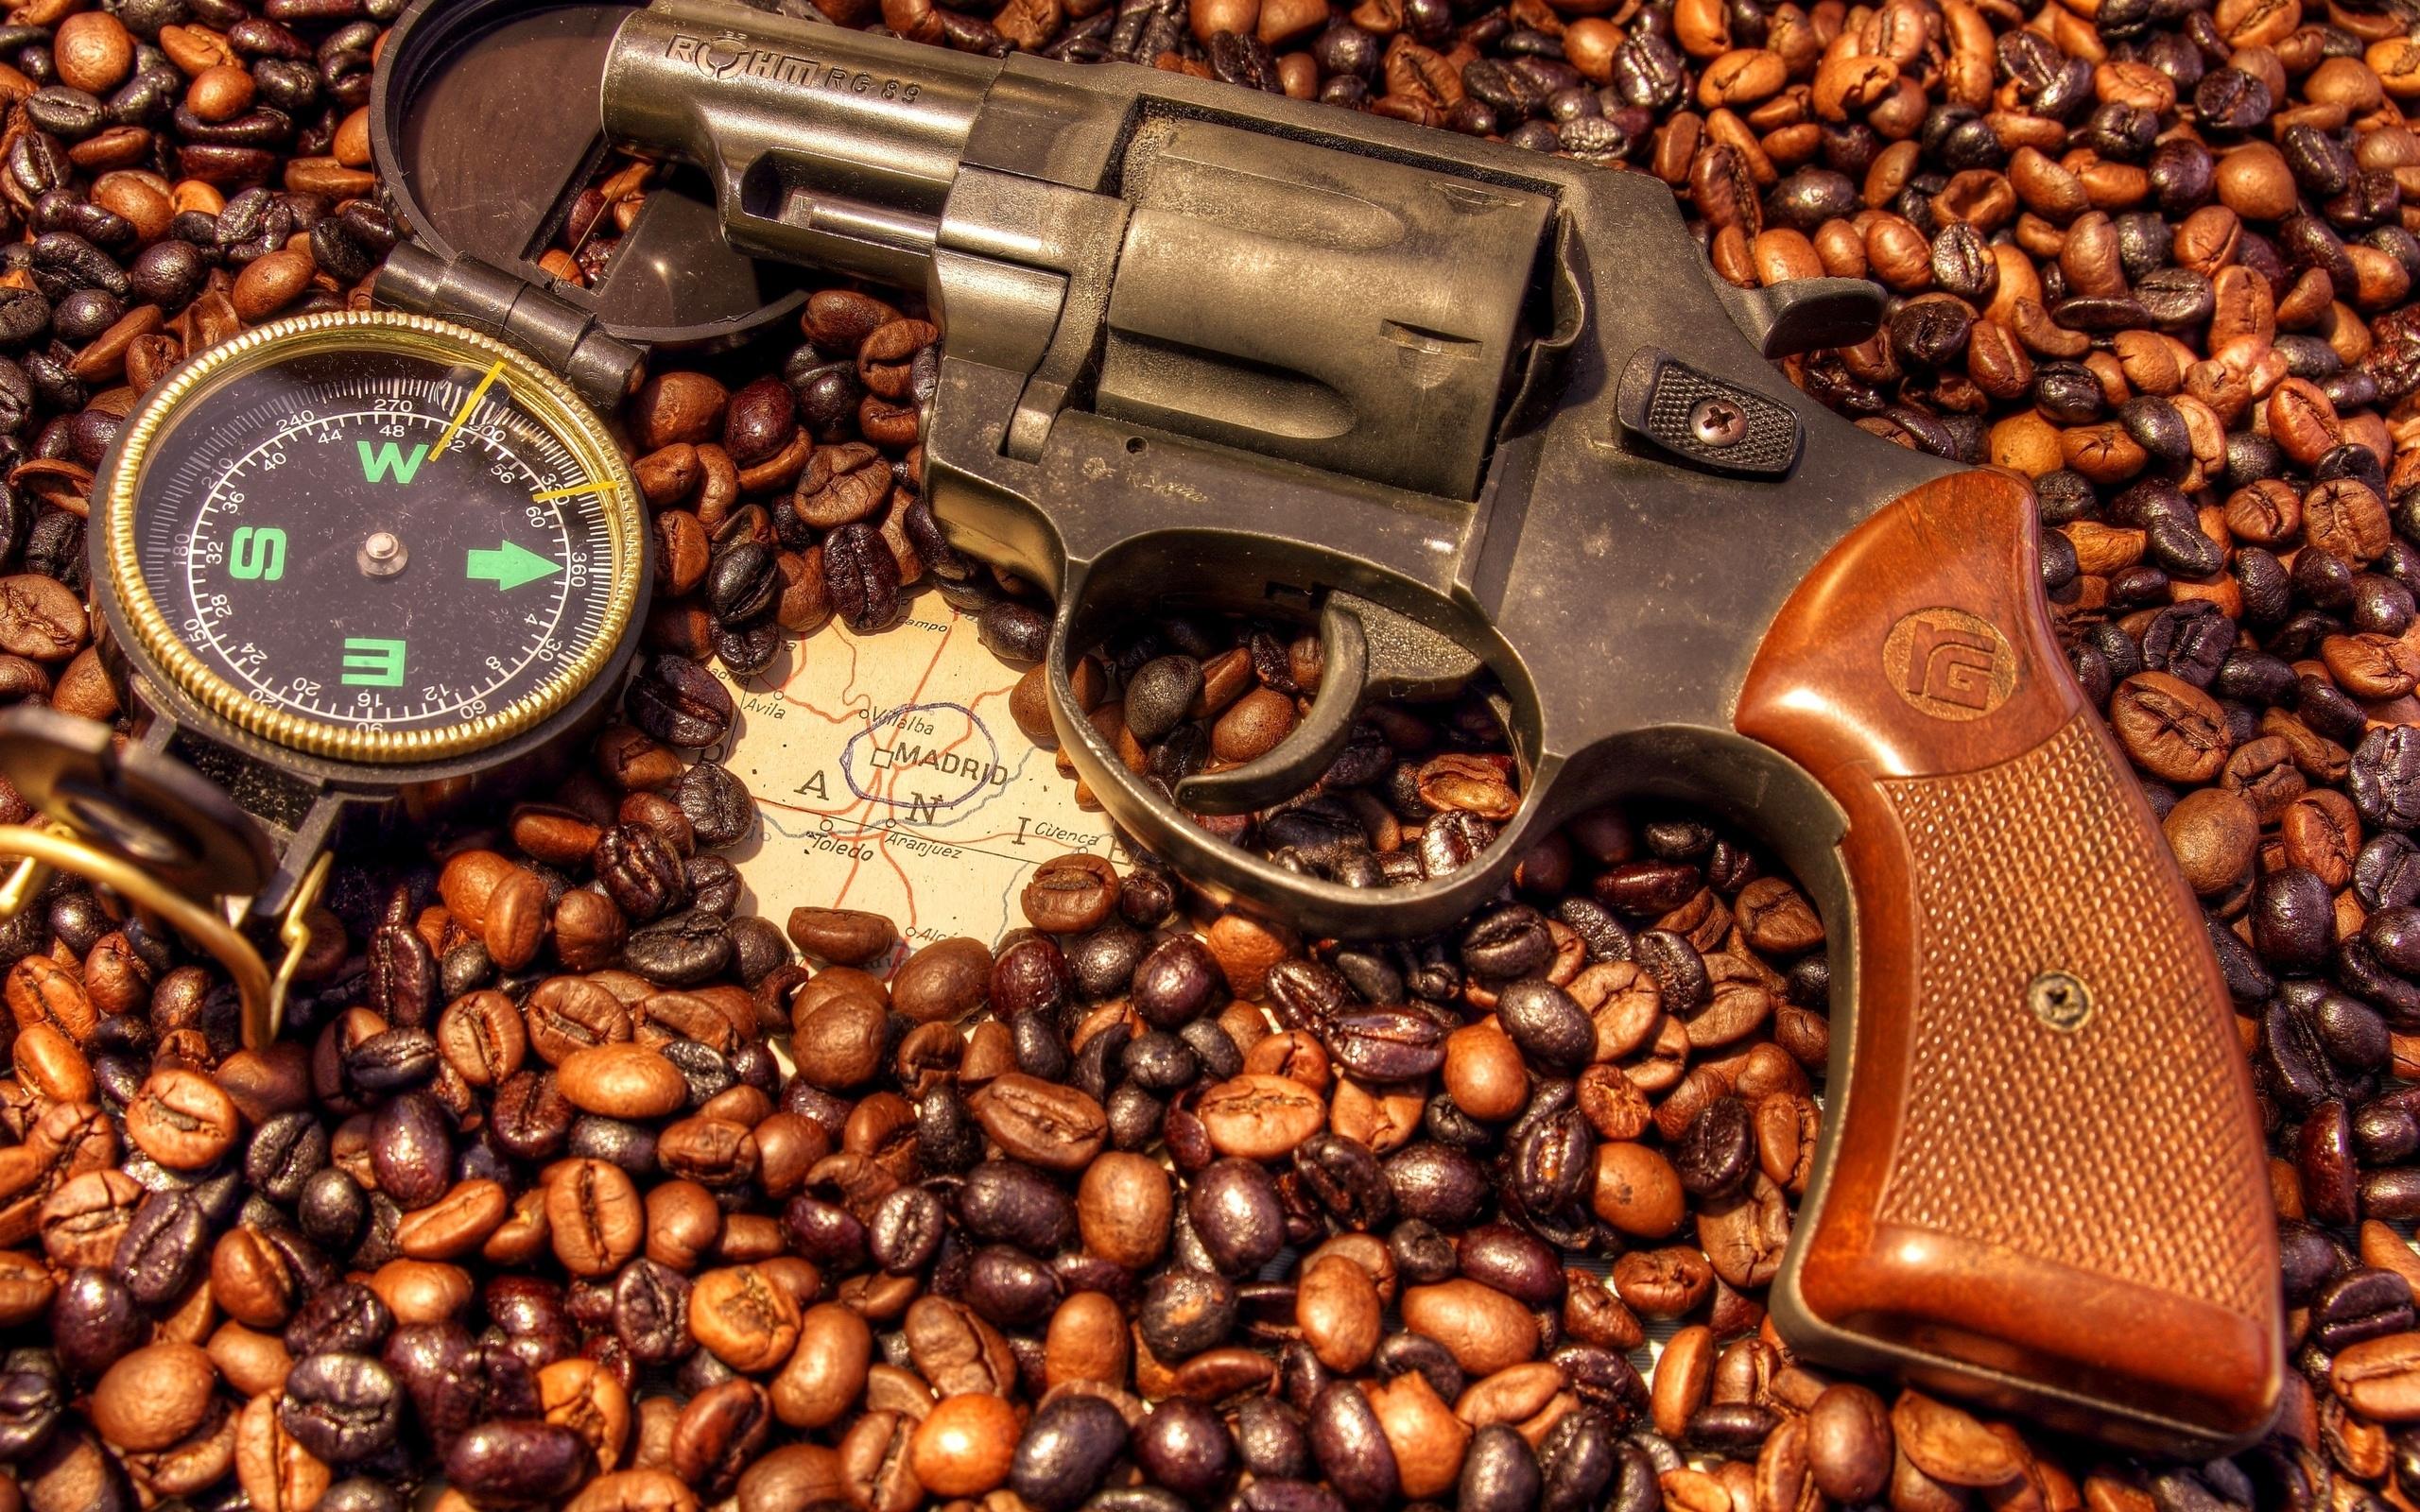 пистолет, револьвер, кофе